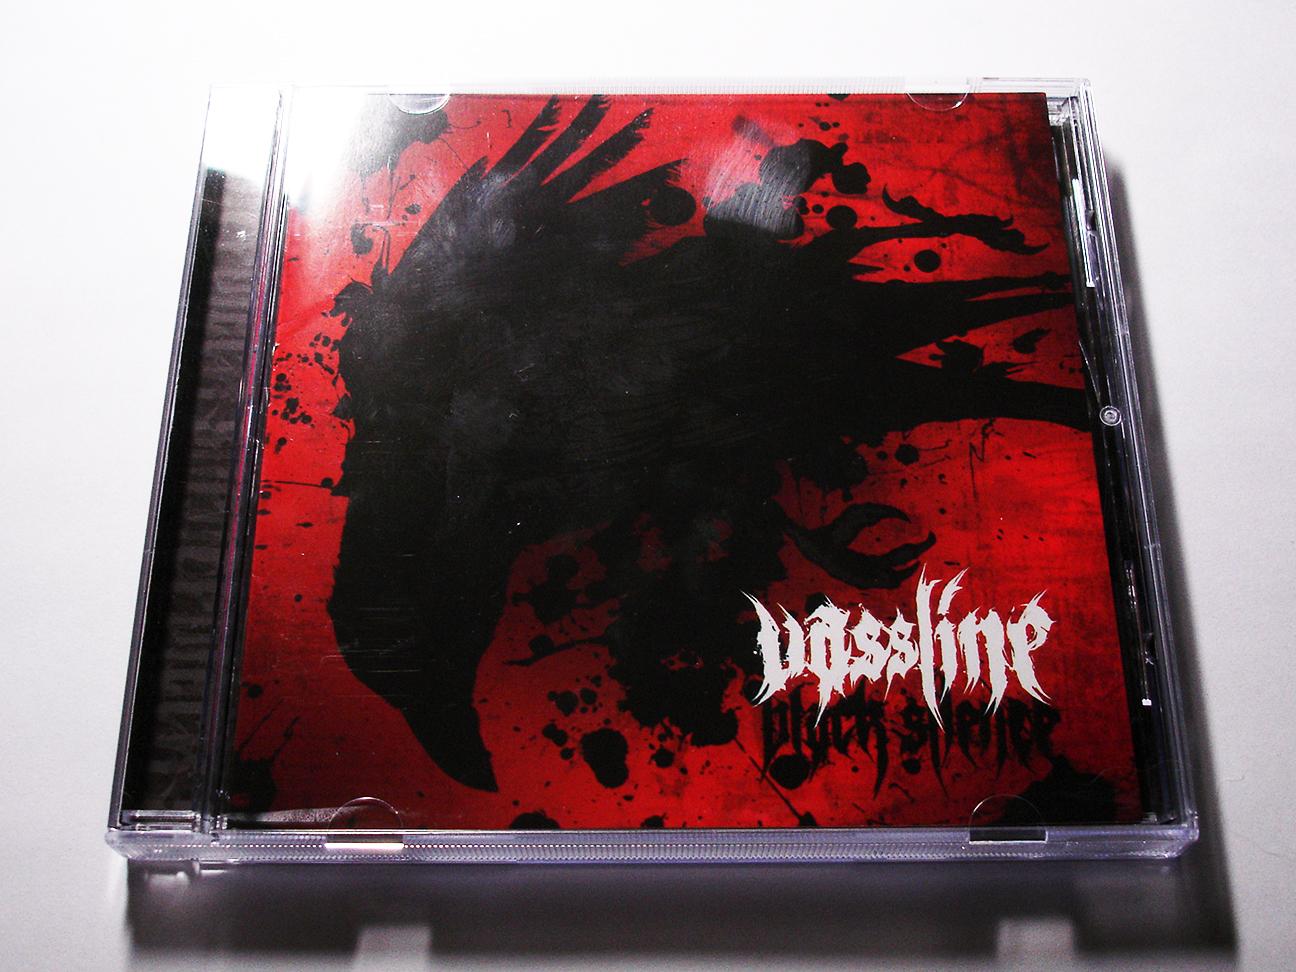 (album) Black Silence - Vassline